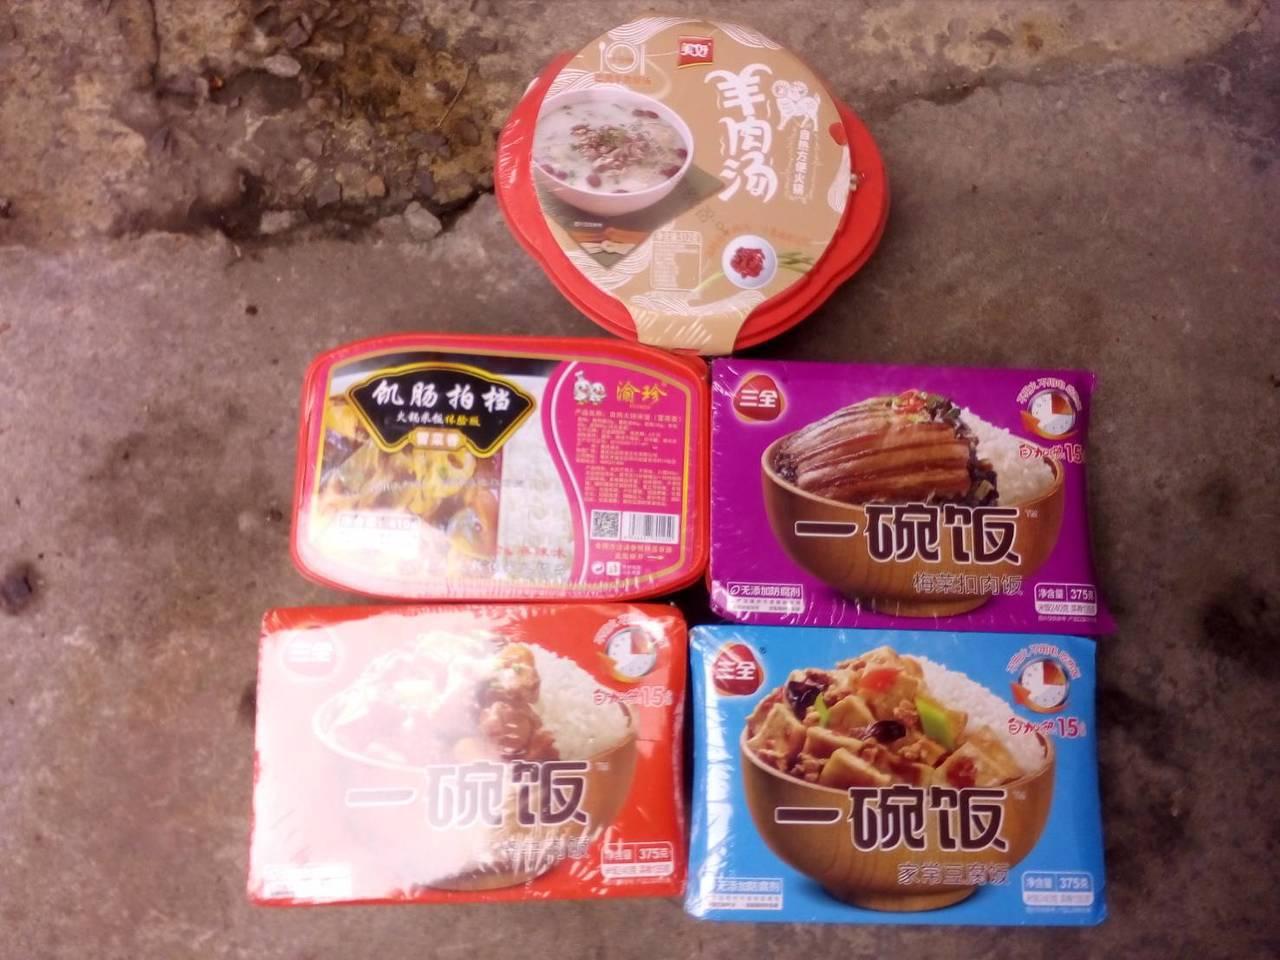 新北市淡水新民街一夾娃娃機台內擺有中國大陸製豬肉食品。圖/新北市動保處提供